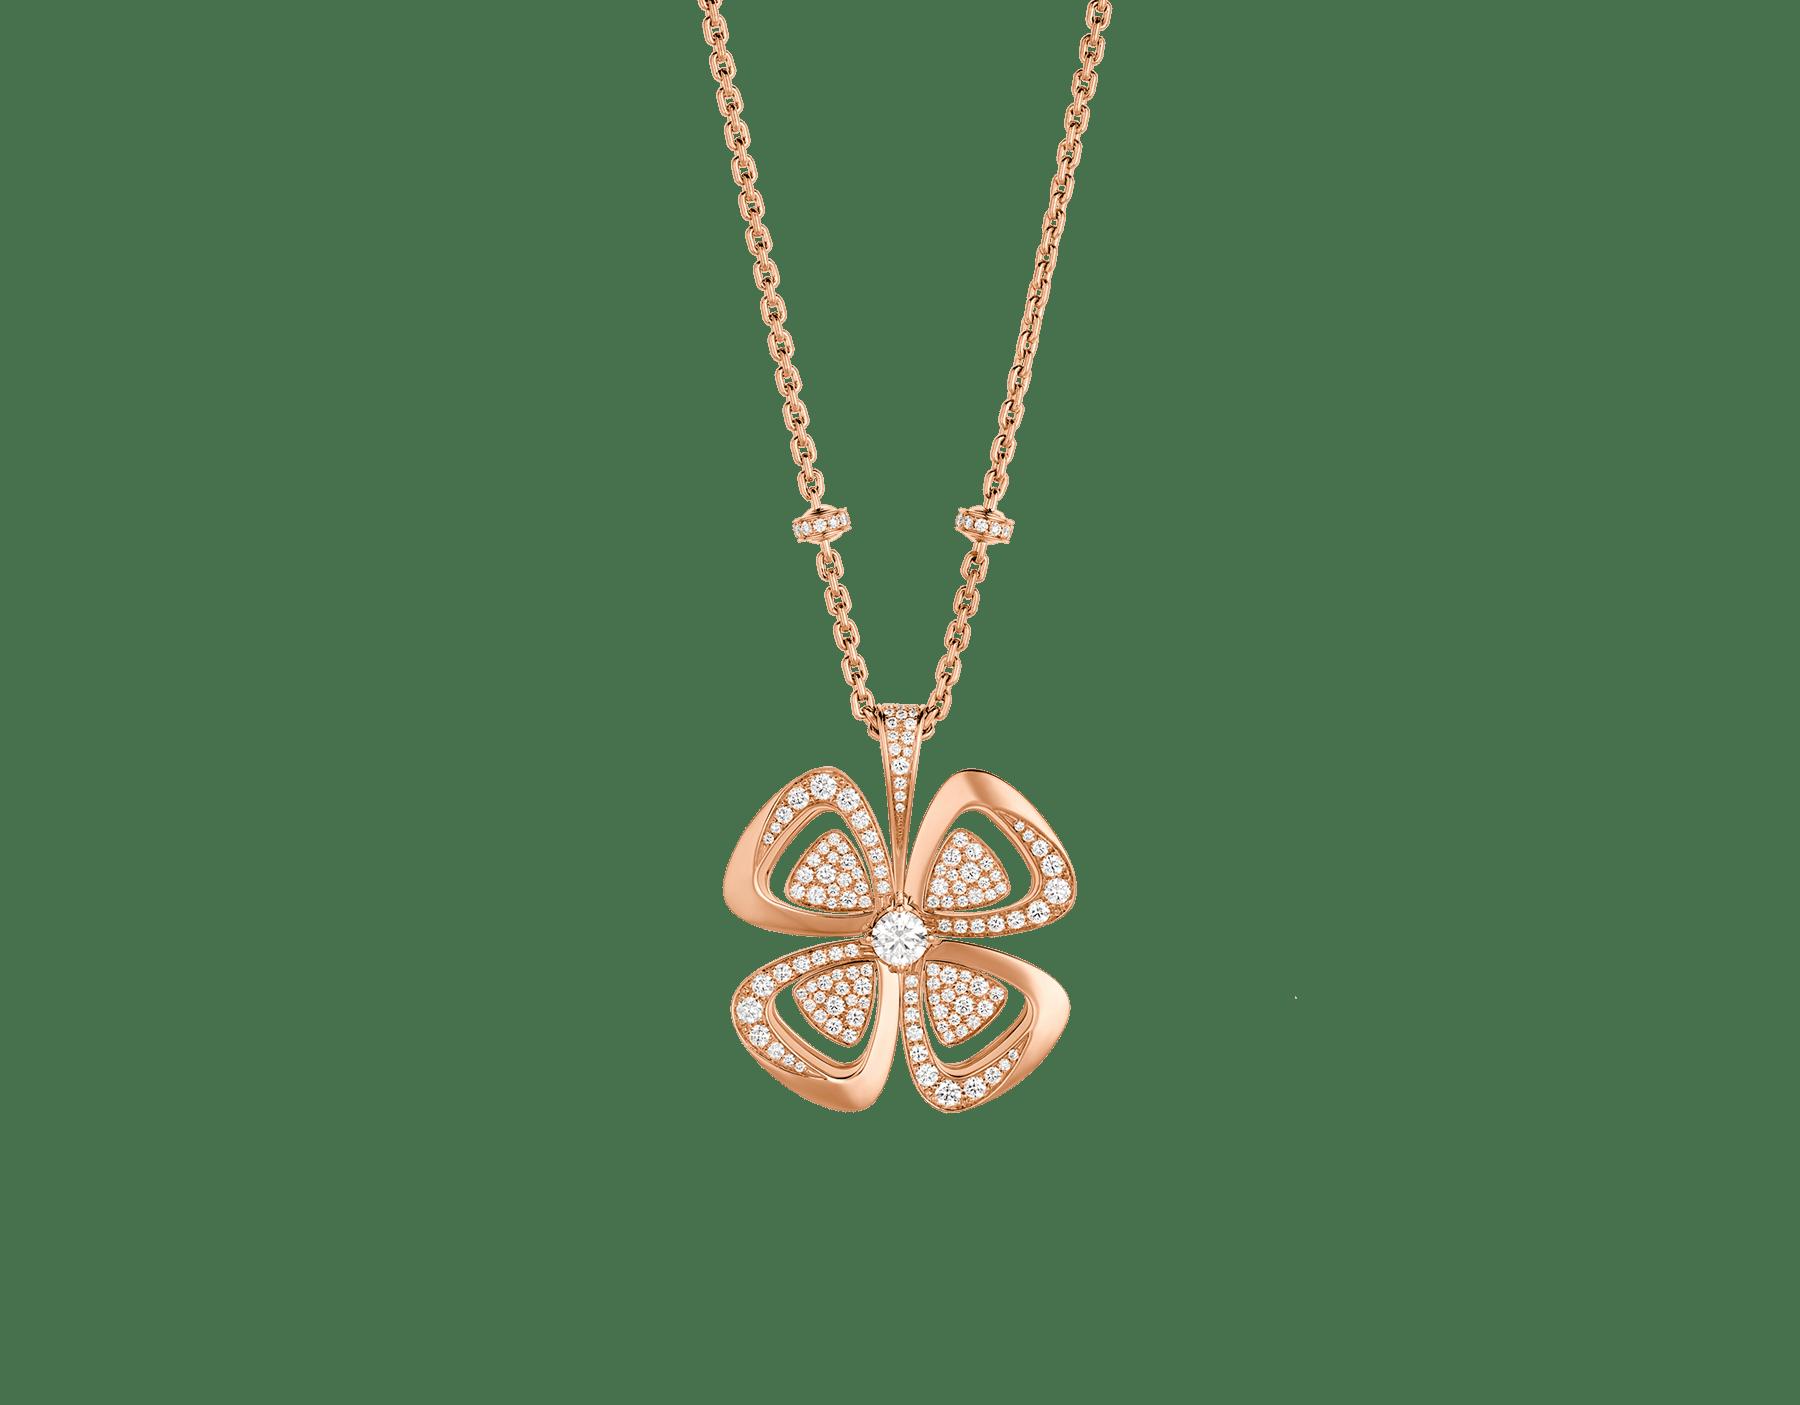 Fiorever咏绽系列18K玫瑰金项链,中央镶嵌一颗圆形明亮式切割钻石,饰以密镶钻石。 357218 image 1